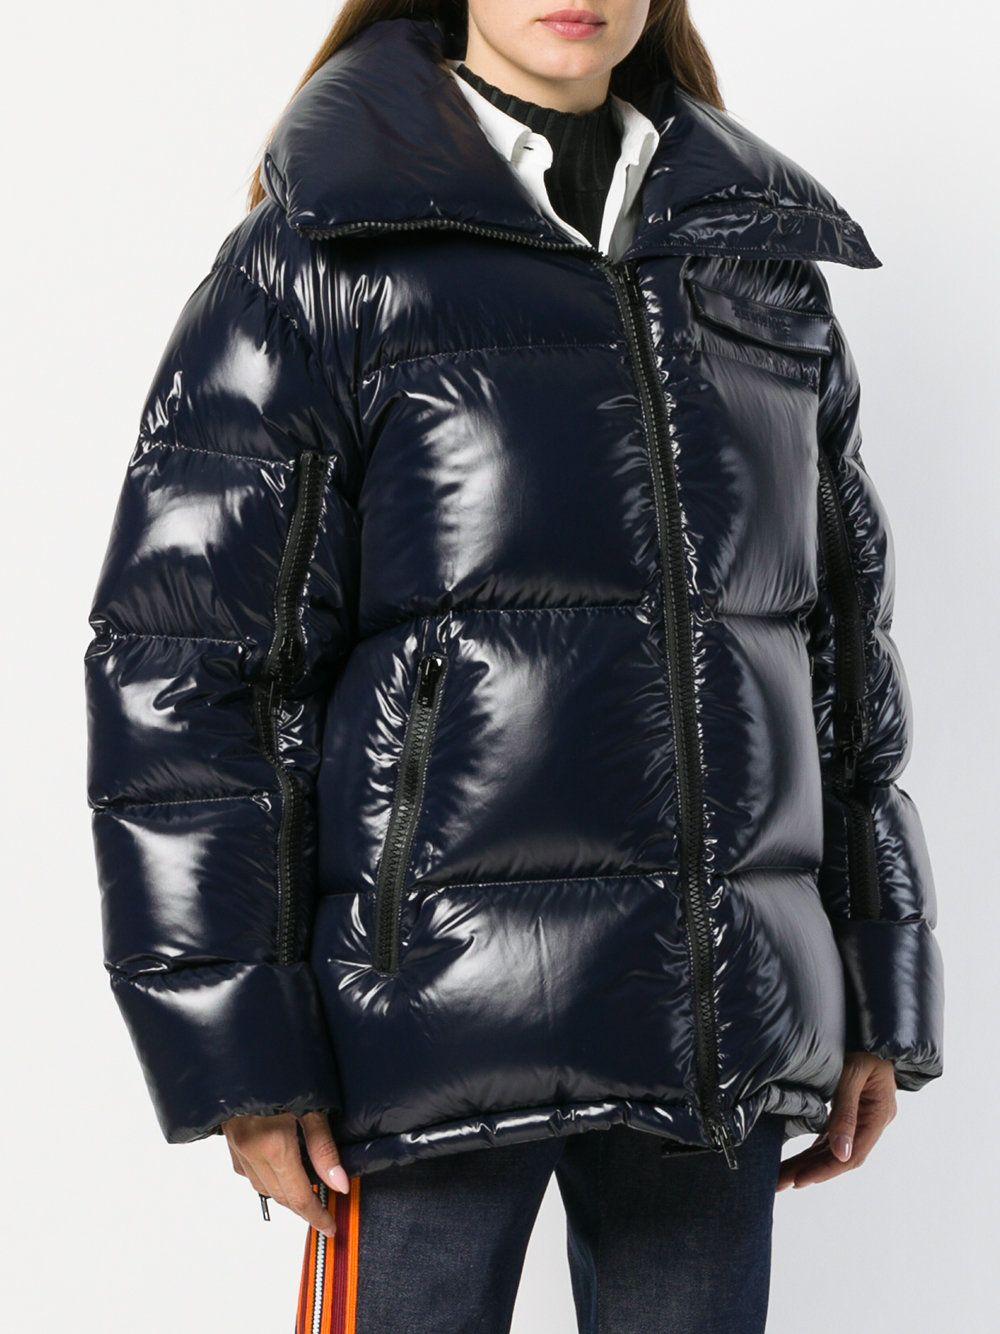 Pin By Stefan Hy Nba On Jacken Jackets Calvin Klein 205w39nyc Puffer Jackets [ 1334 x 1000 Pixel ]